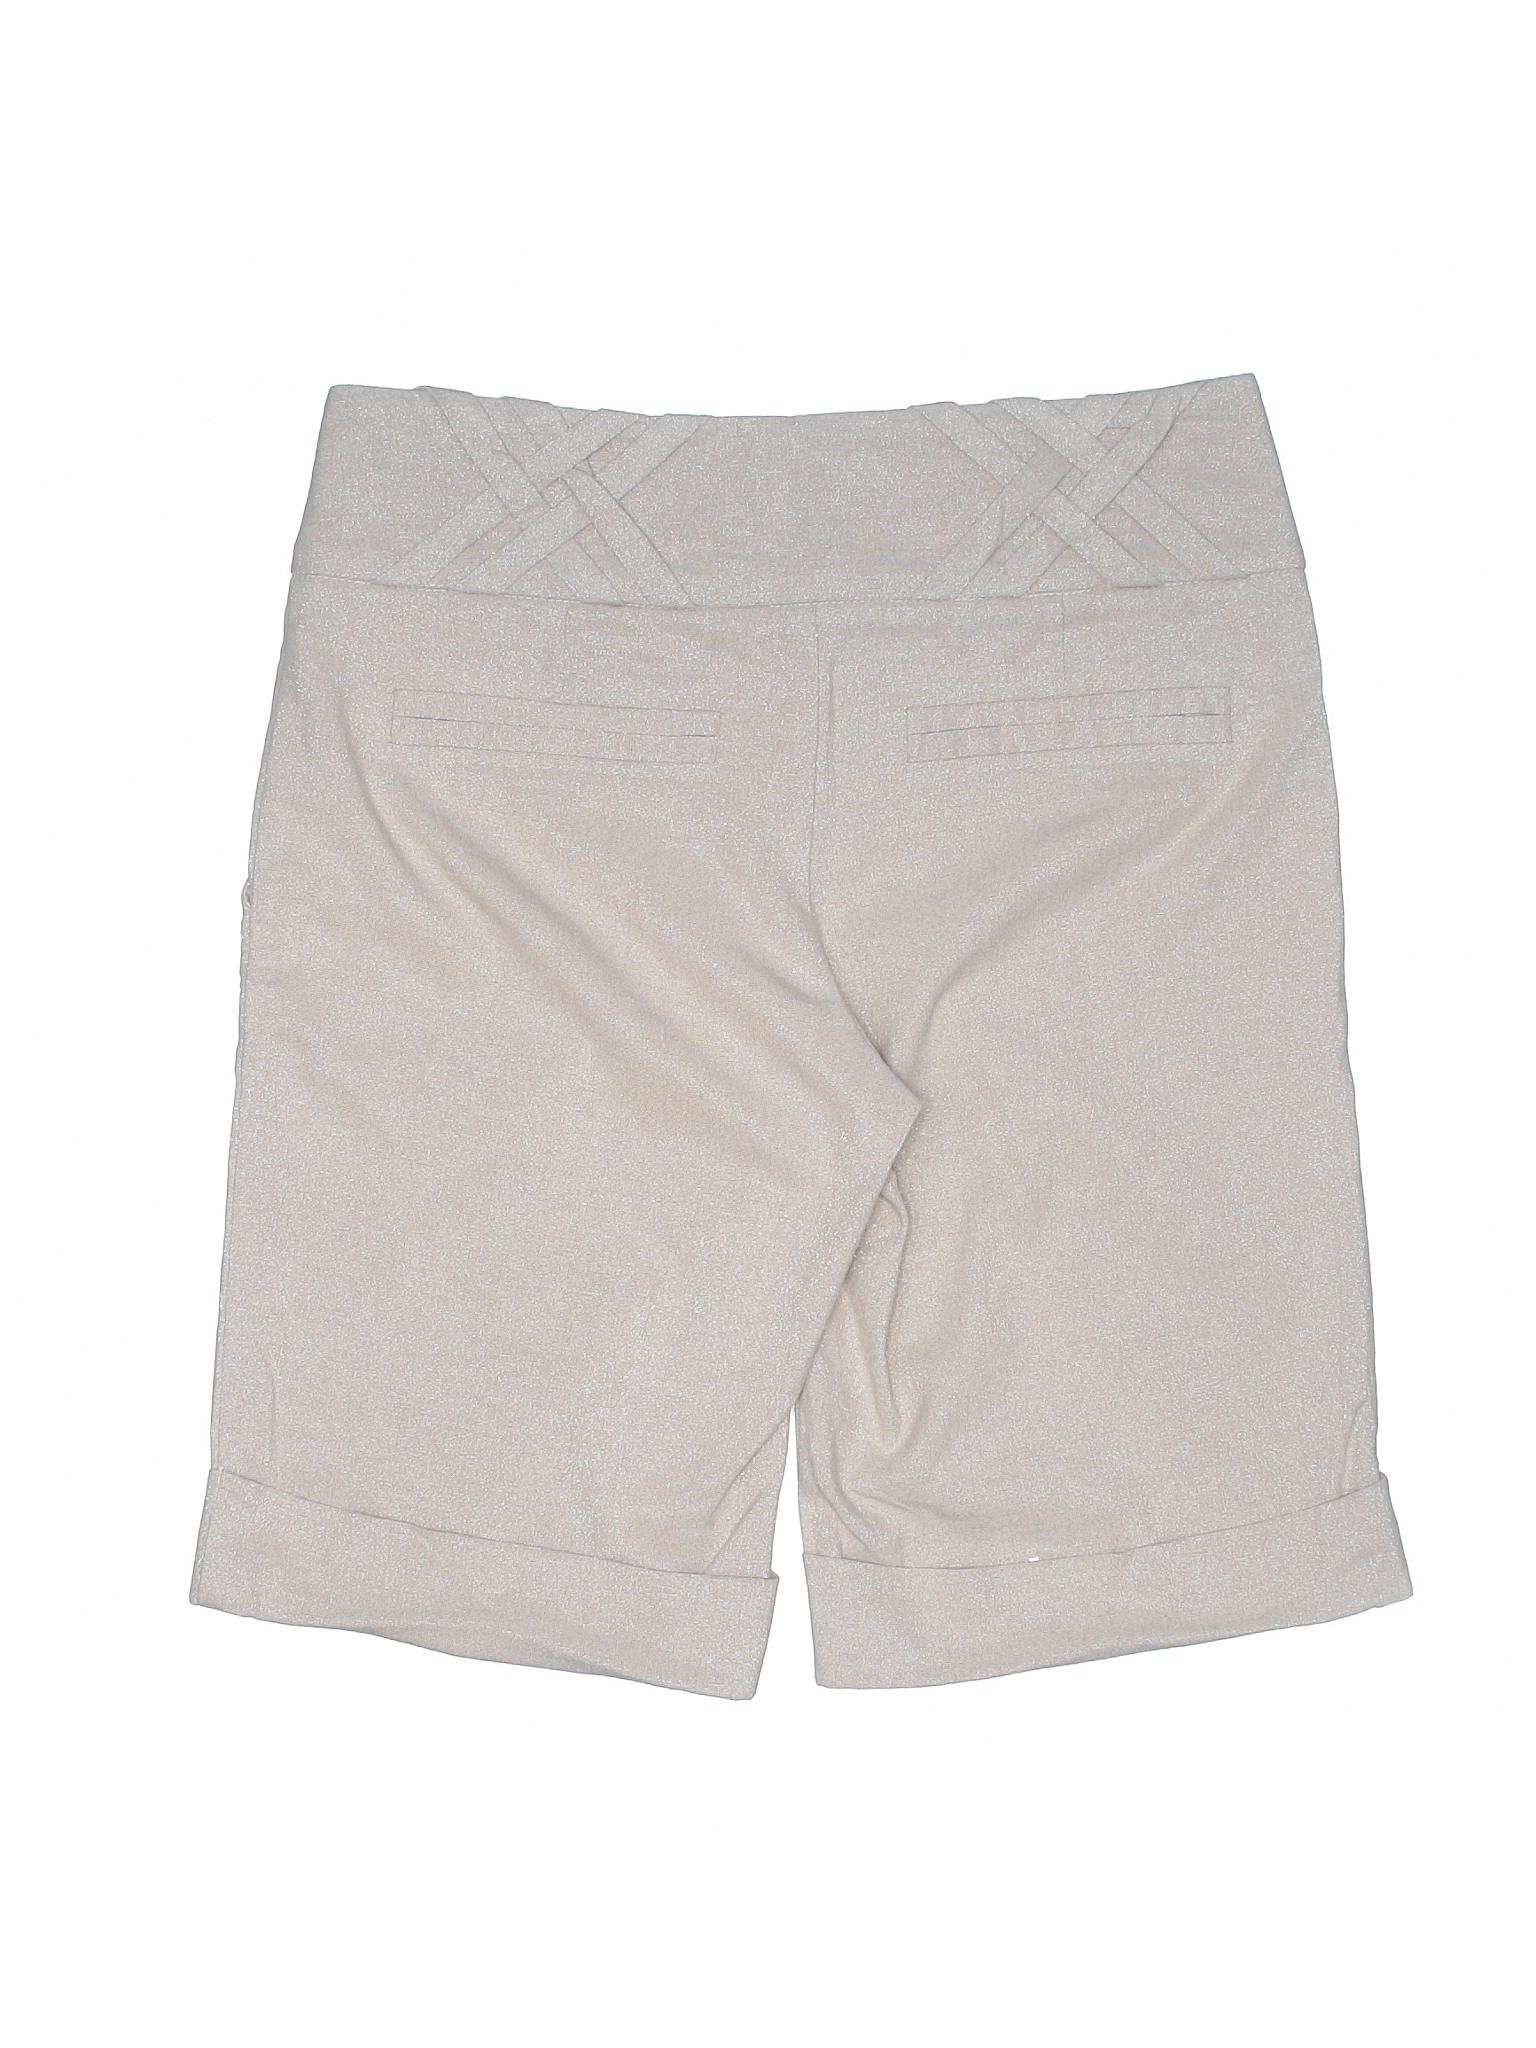 Shorts Shorts Boutique Bebe Boutique leisure Boutique leisure leisure Dressy Bebe Dressy fxq1n4wg